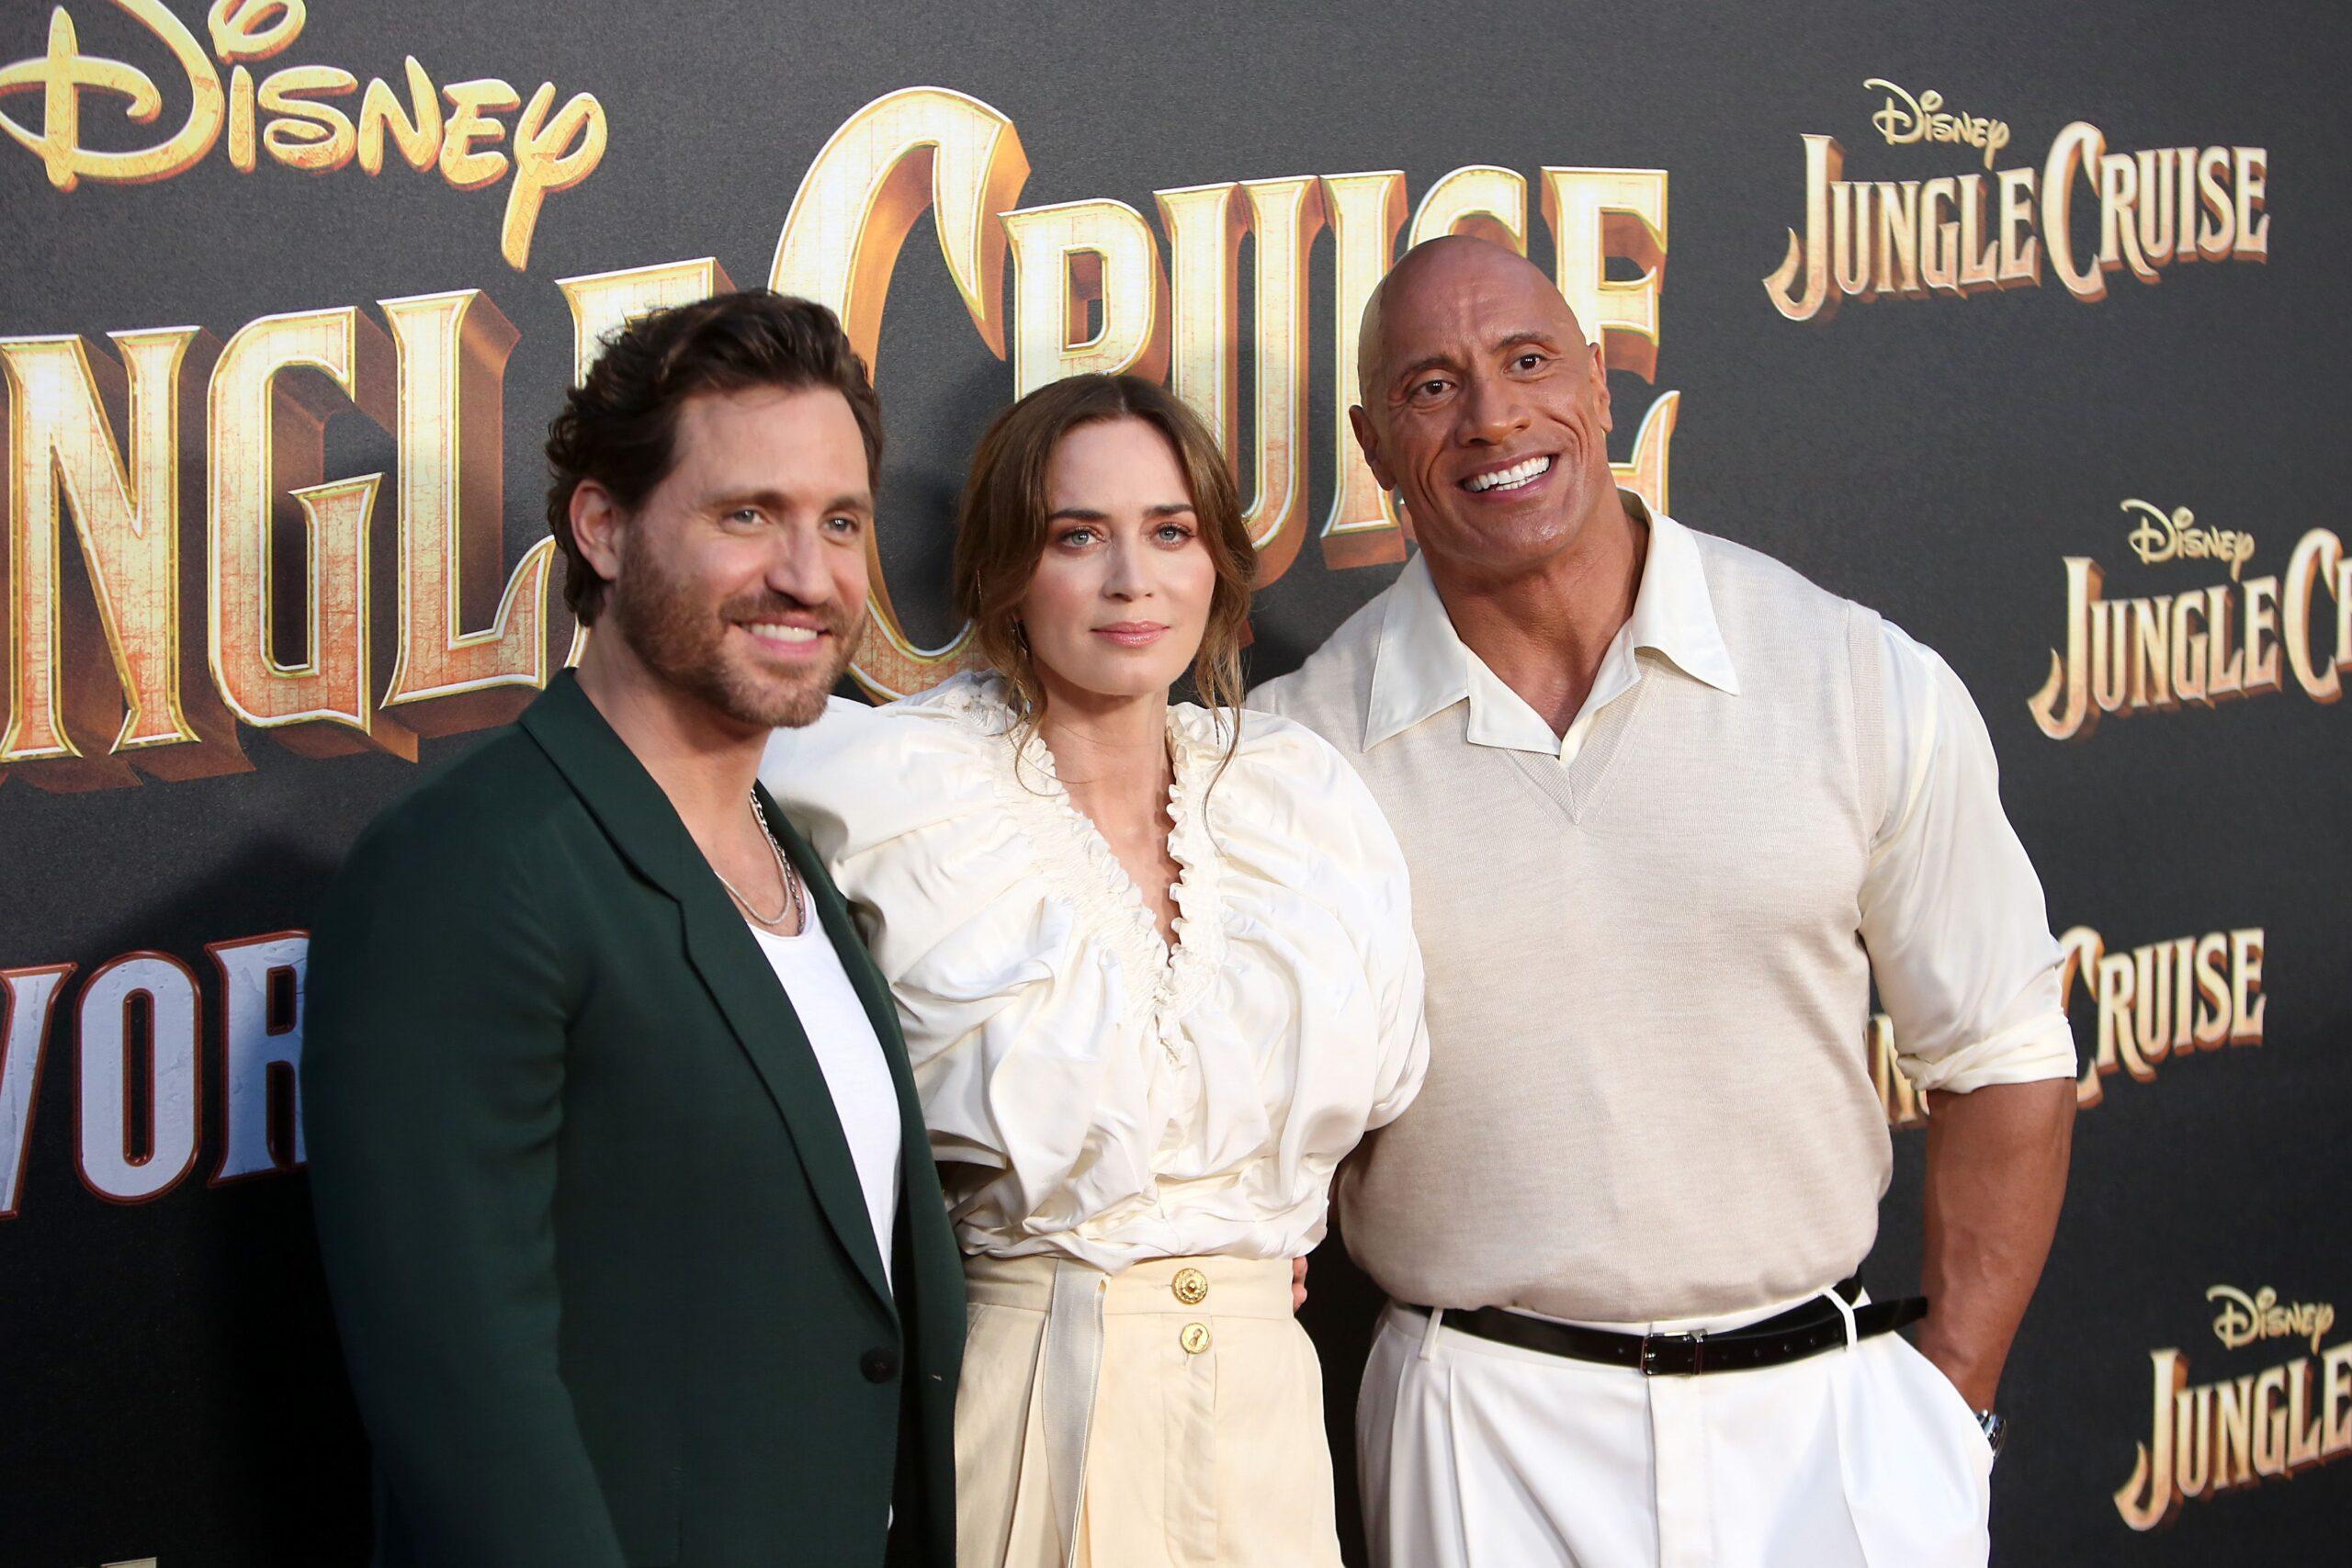 JUNGLE CRUISE celebró su estreno mundial en Disneyland